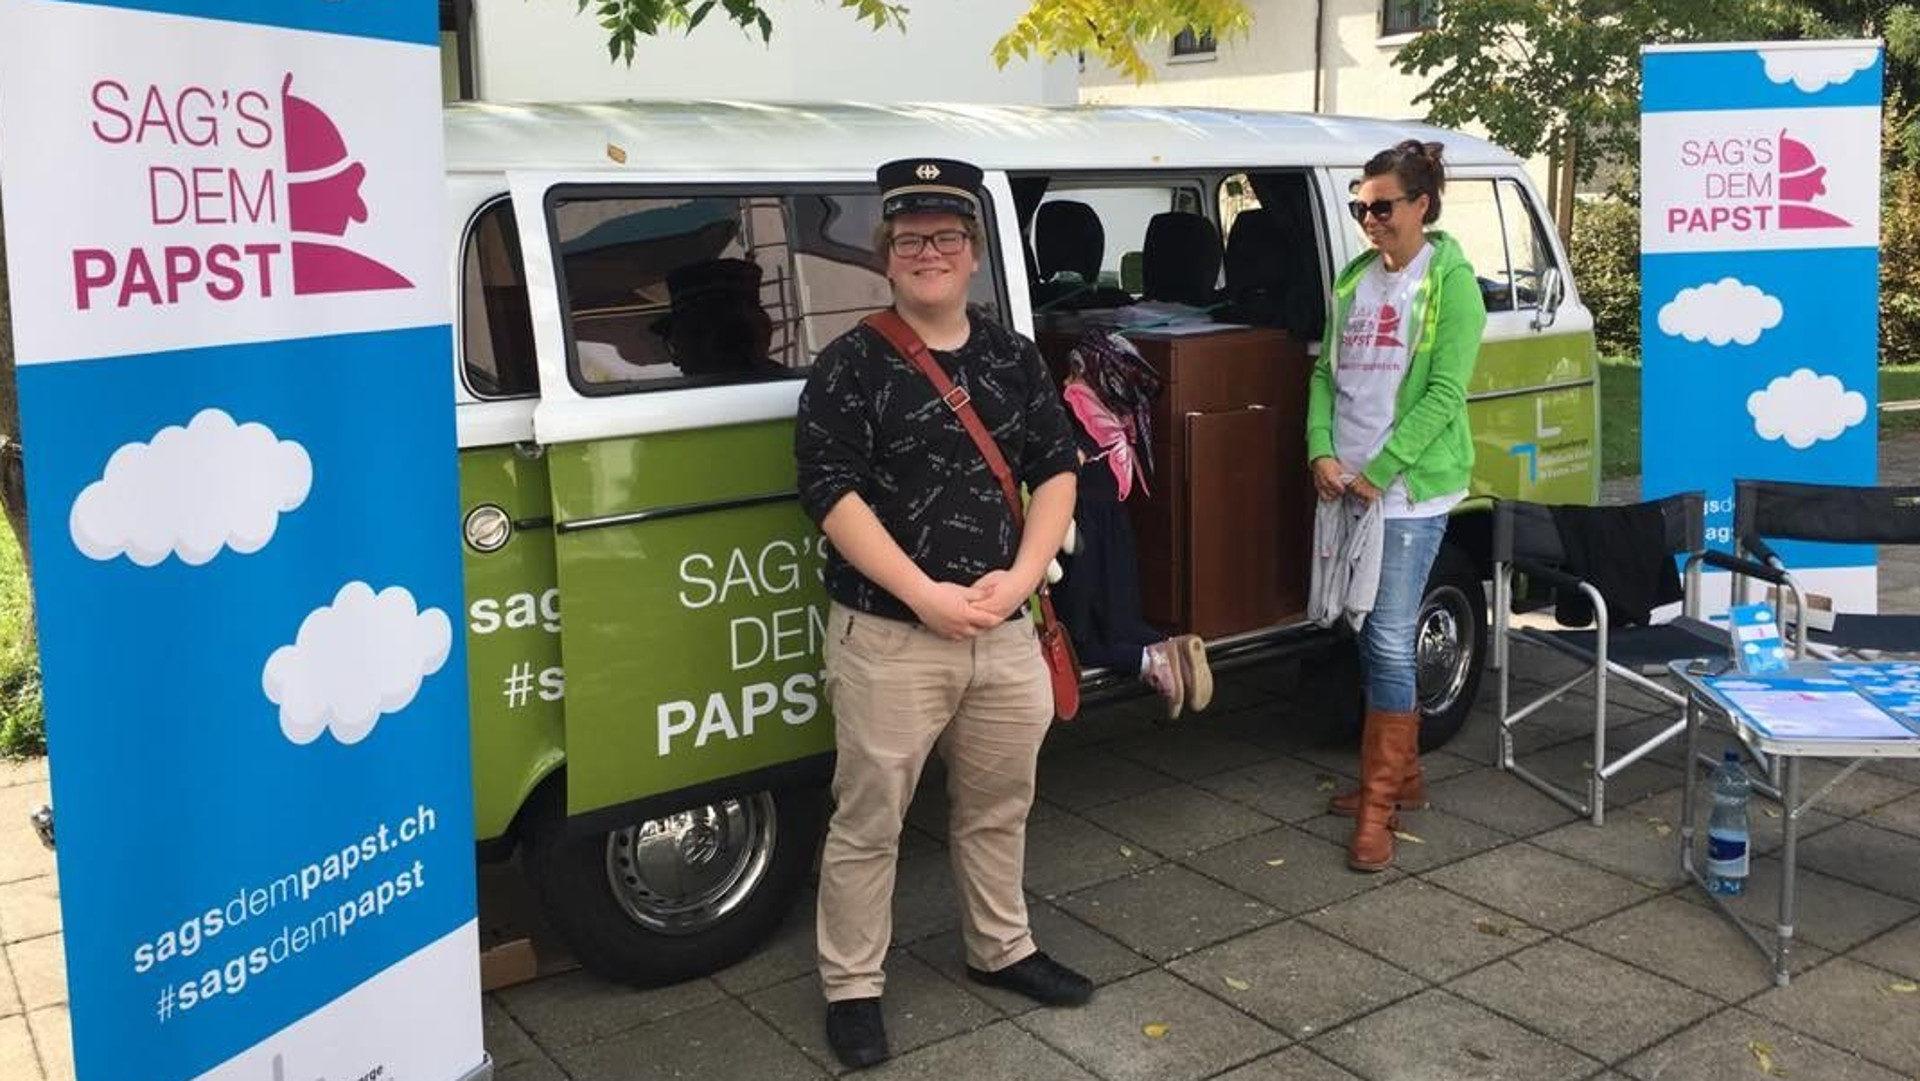 Papstmobil empfängt Jugendliche  | © zVg